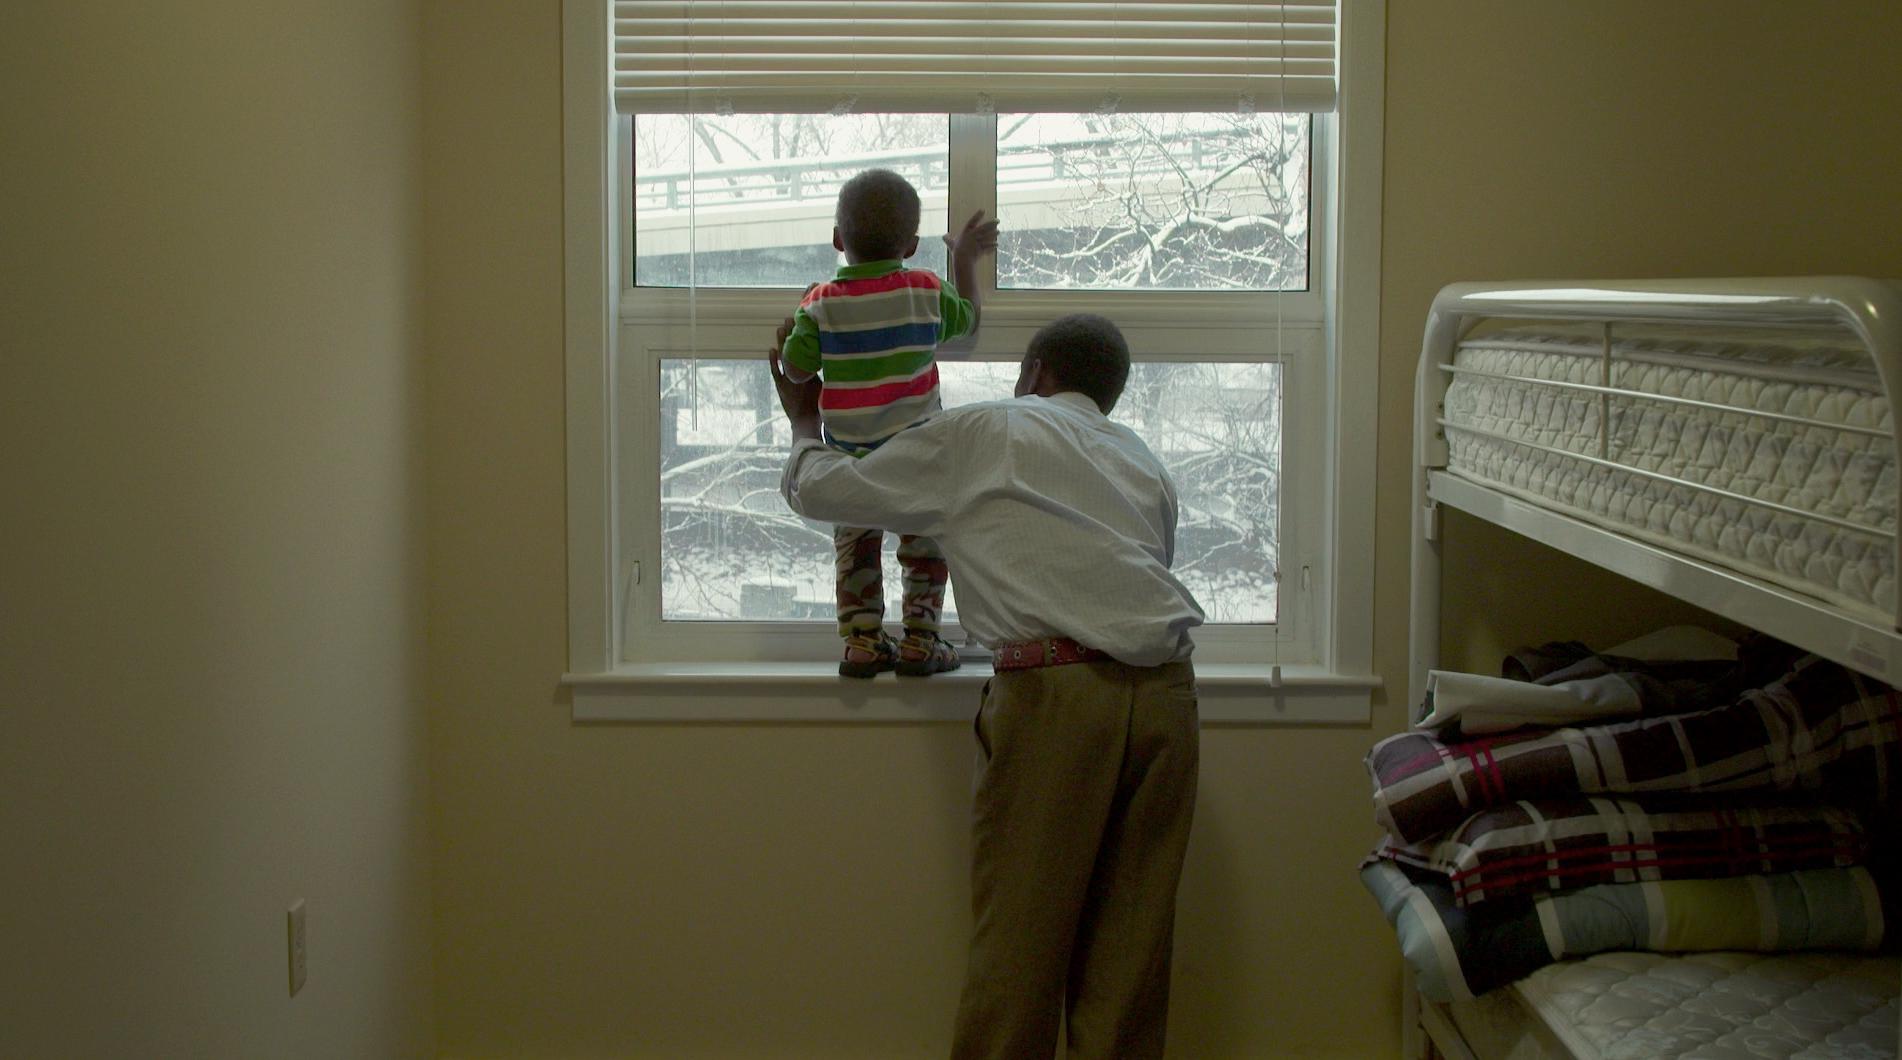 19 Days, Realisé par Asha Siad, Roda Siad. Producteur, David Christensen.  Mustafa et son fils Ali voient la neige pour la première foi  | Photo de la production © 2016 l'Office national du film du Canada. Tous droits réservés.